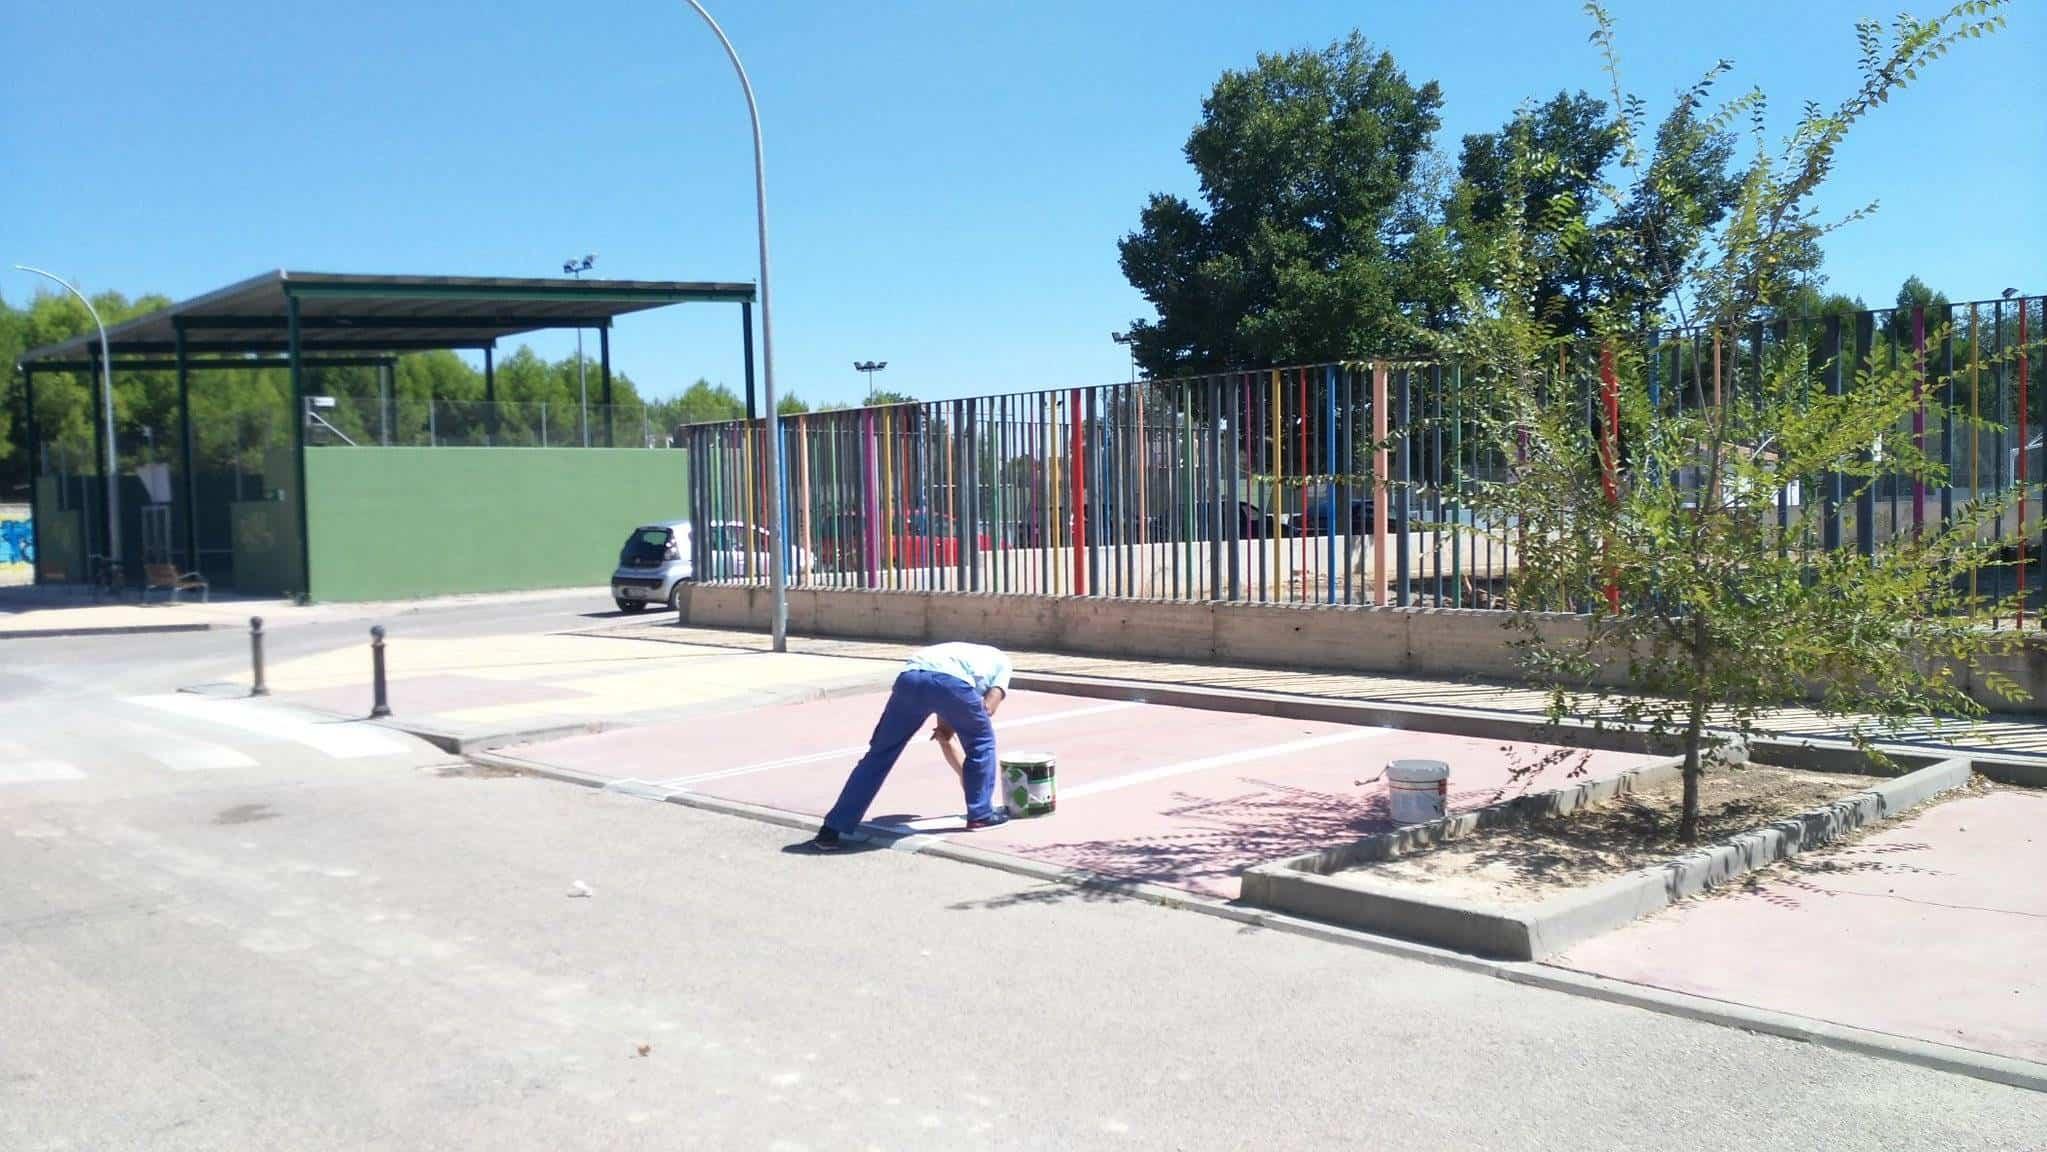 Pintando líneas de parking zona deportiva y colegio en Herencia